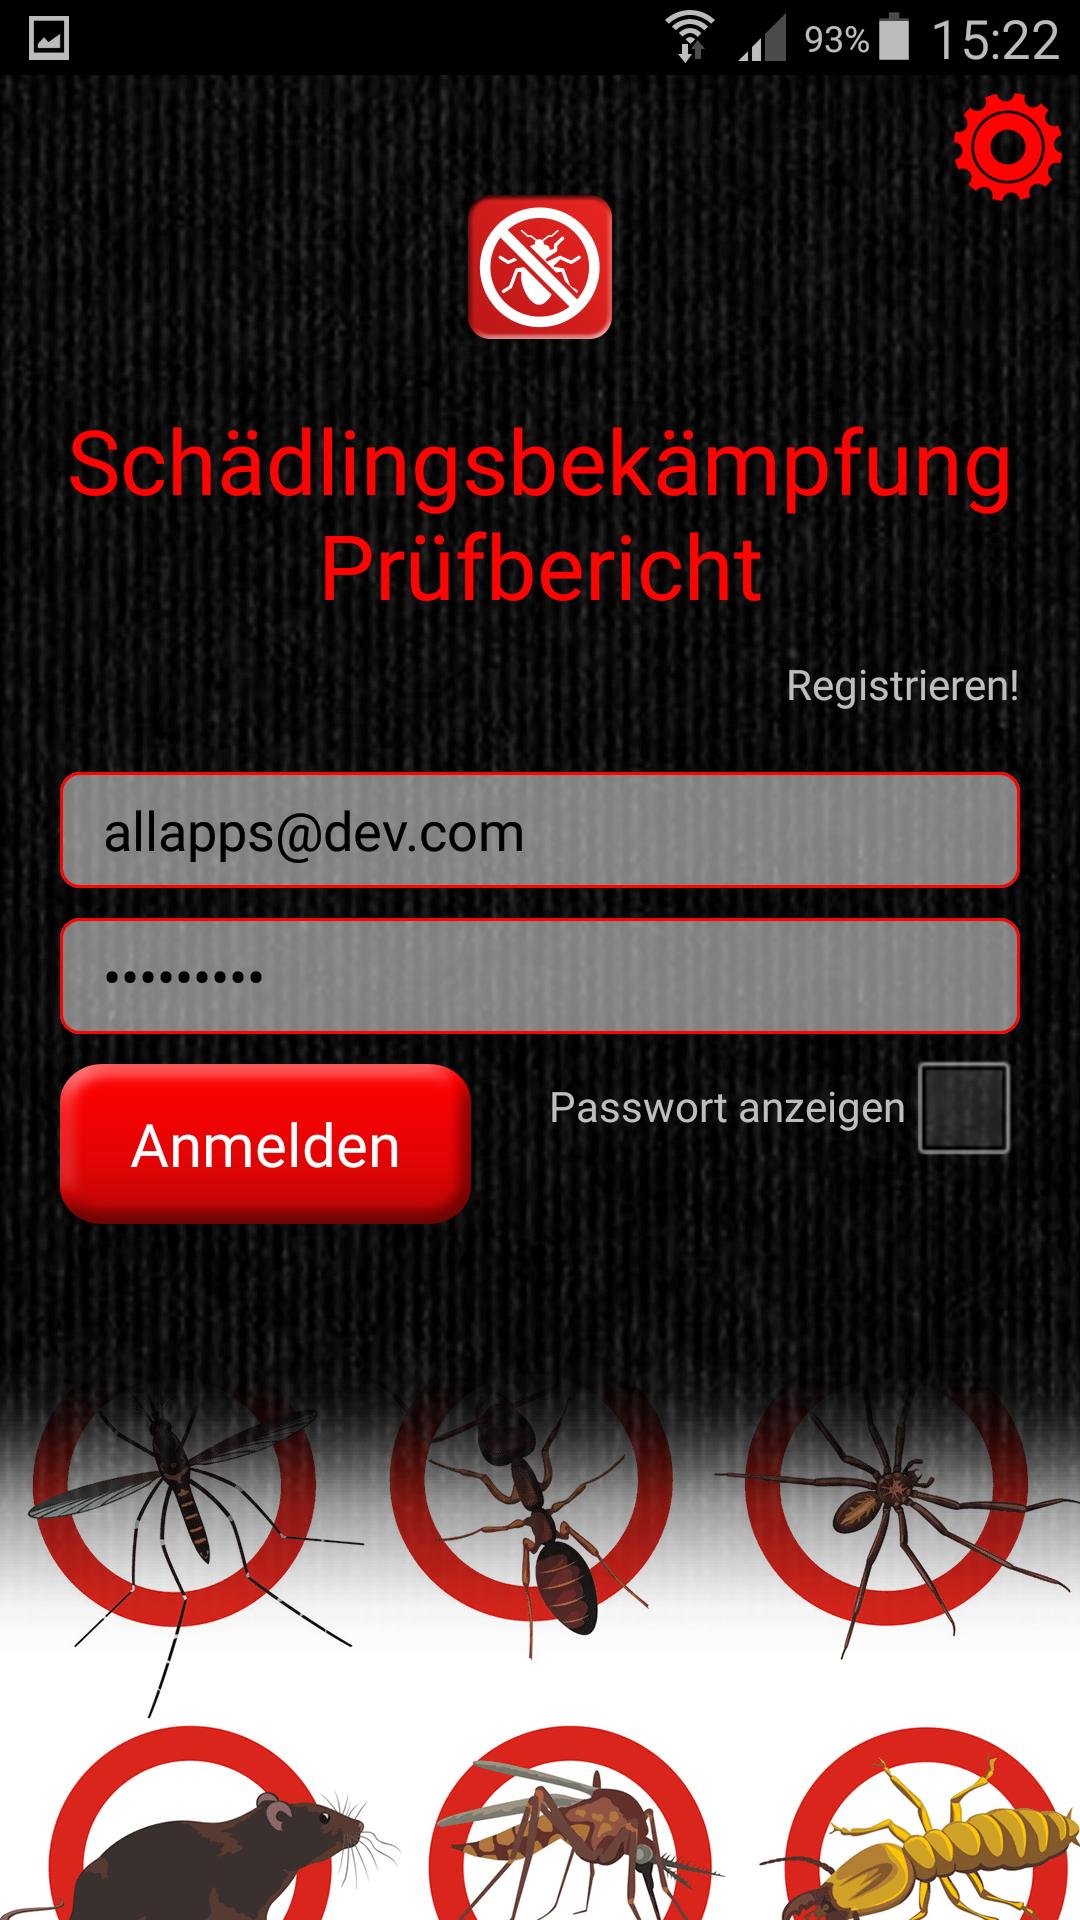 ginstr_app_pestControlInspectionReport_DE_1